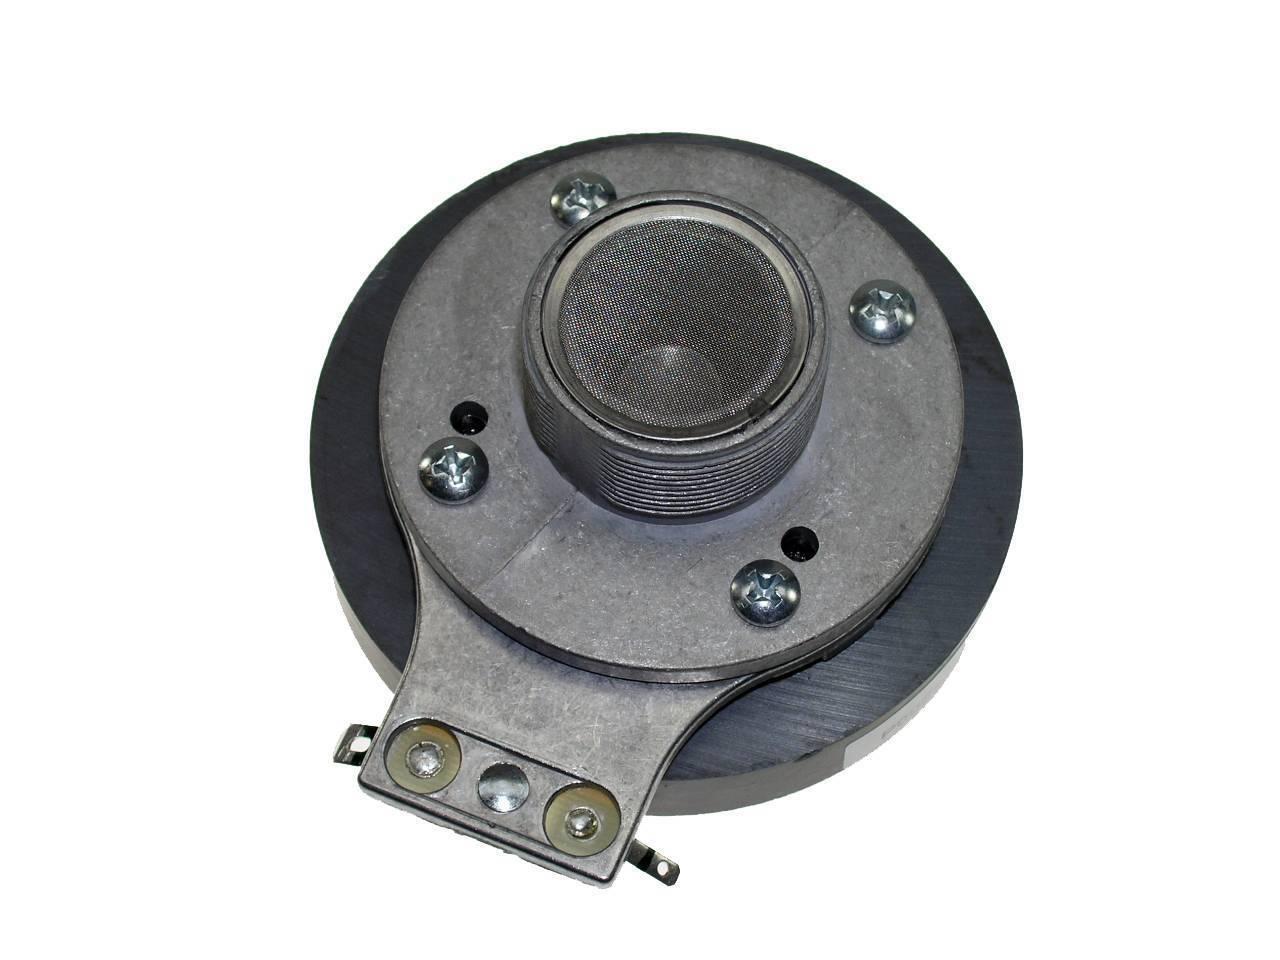 Jbl 2412 Bocina Controlador para control 29 Control 321 Control Control Control 328 de altavoces de fábrica parte f2eba9